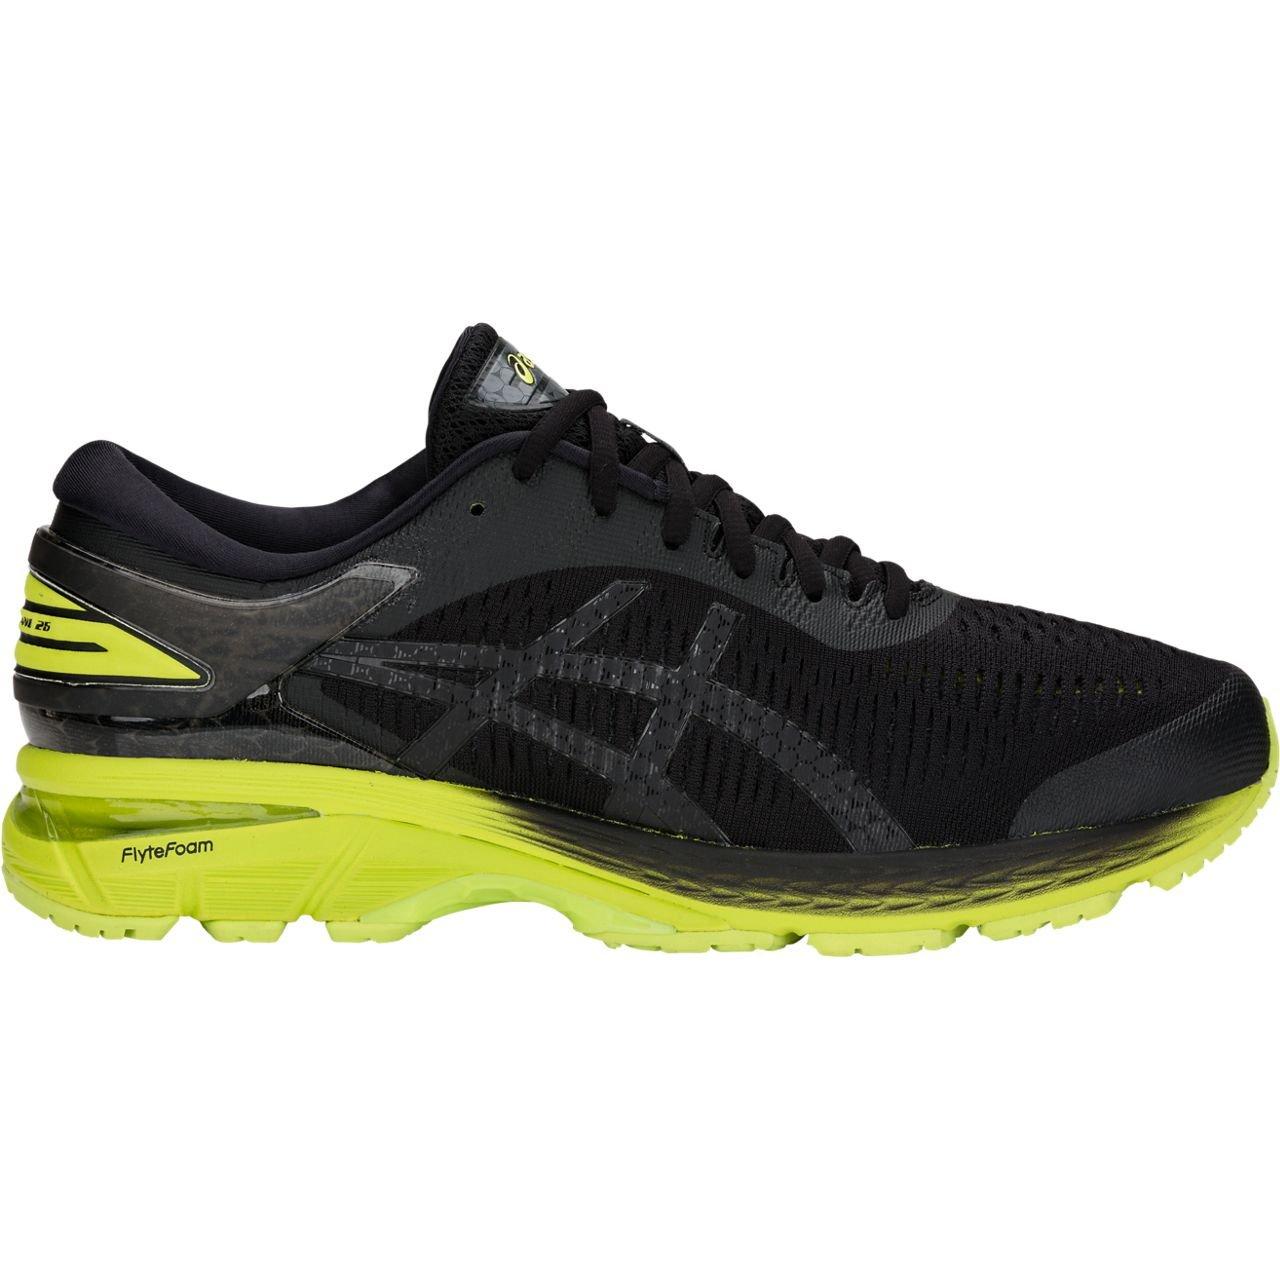 ASICS Gel-Kayano 25 Men's Running Shoe B077MQ6GJ2 8 D(M) US|Black/Neon Lime